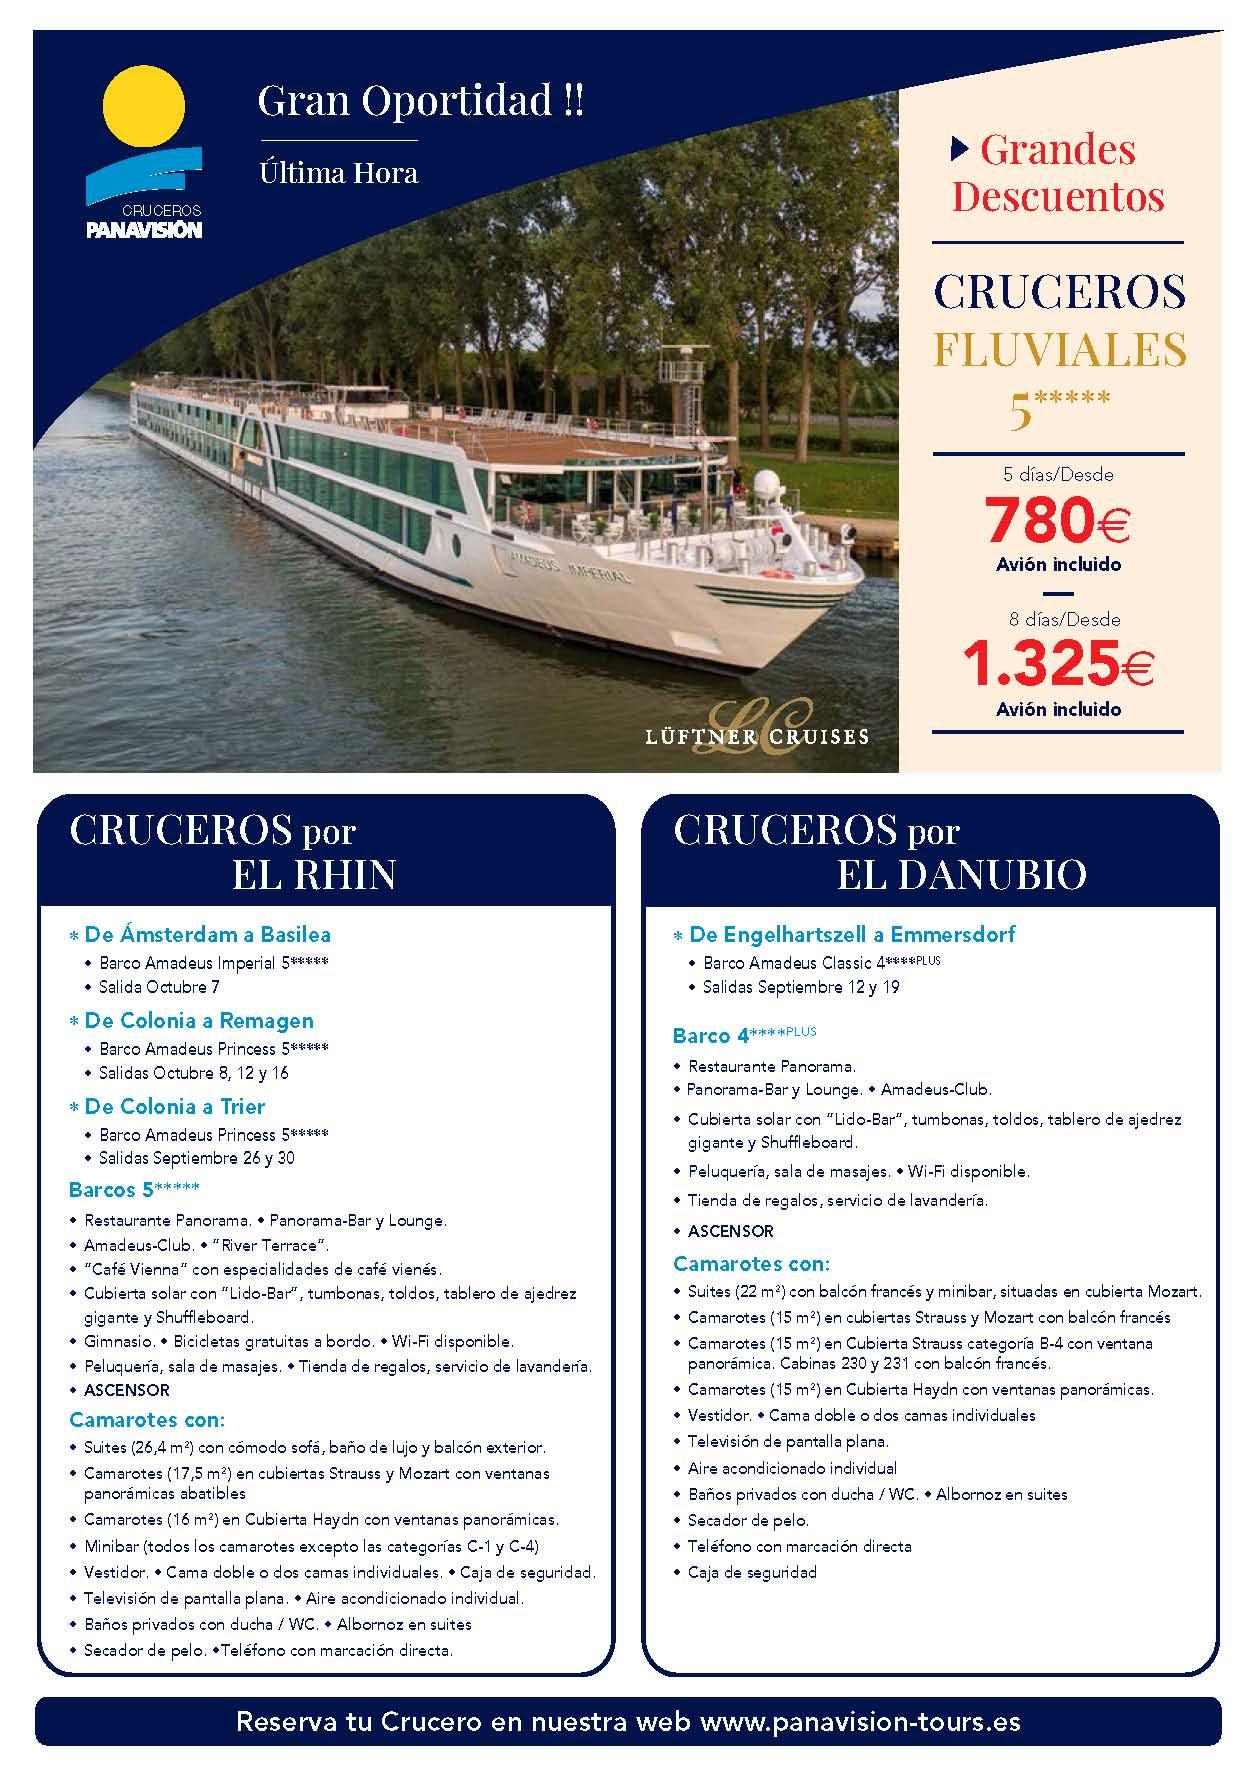 Oferta Panavision Tours Cruceros Fluviales por el Rhin y el Danubio ultima hora Septiembre y Octubre 2021